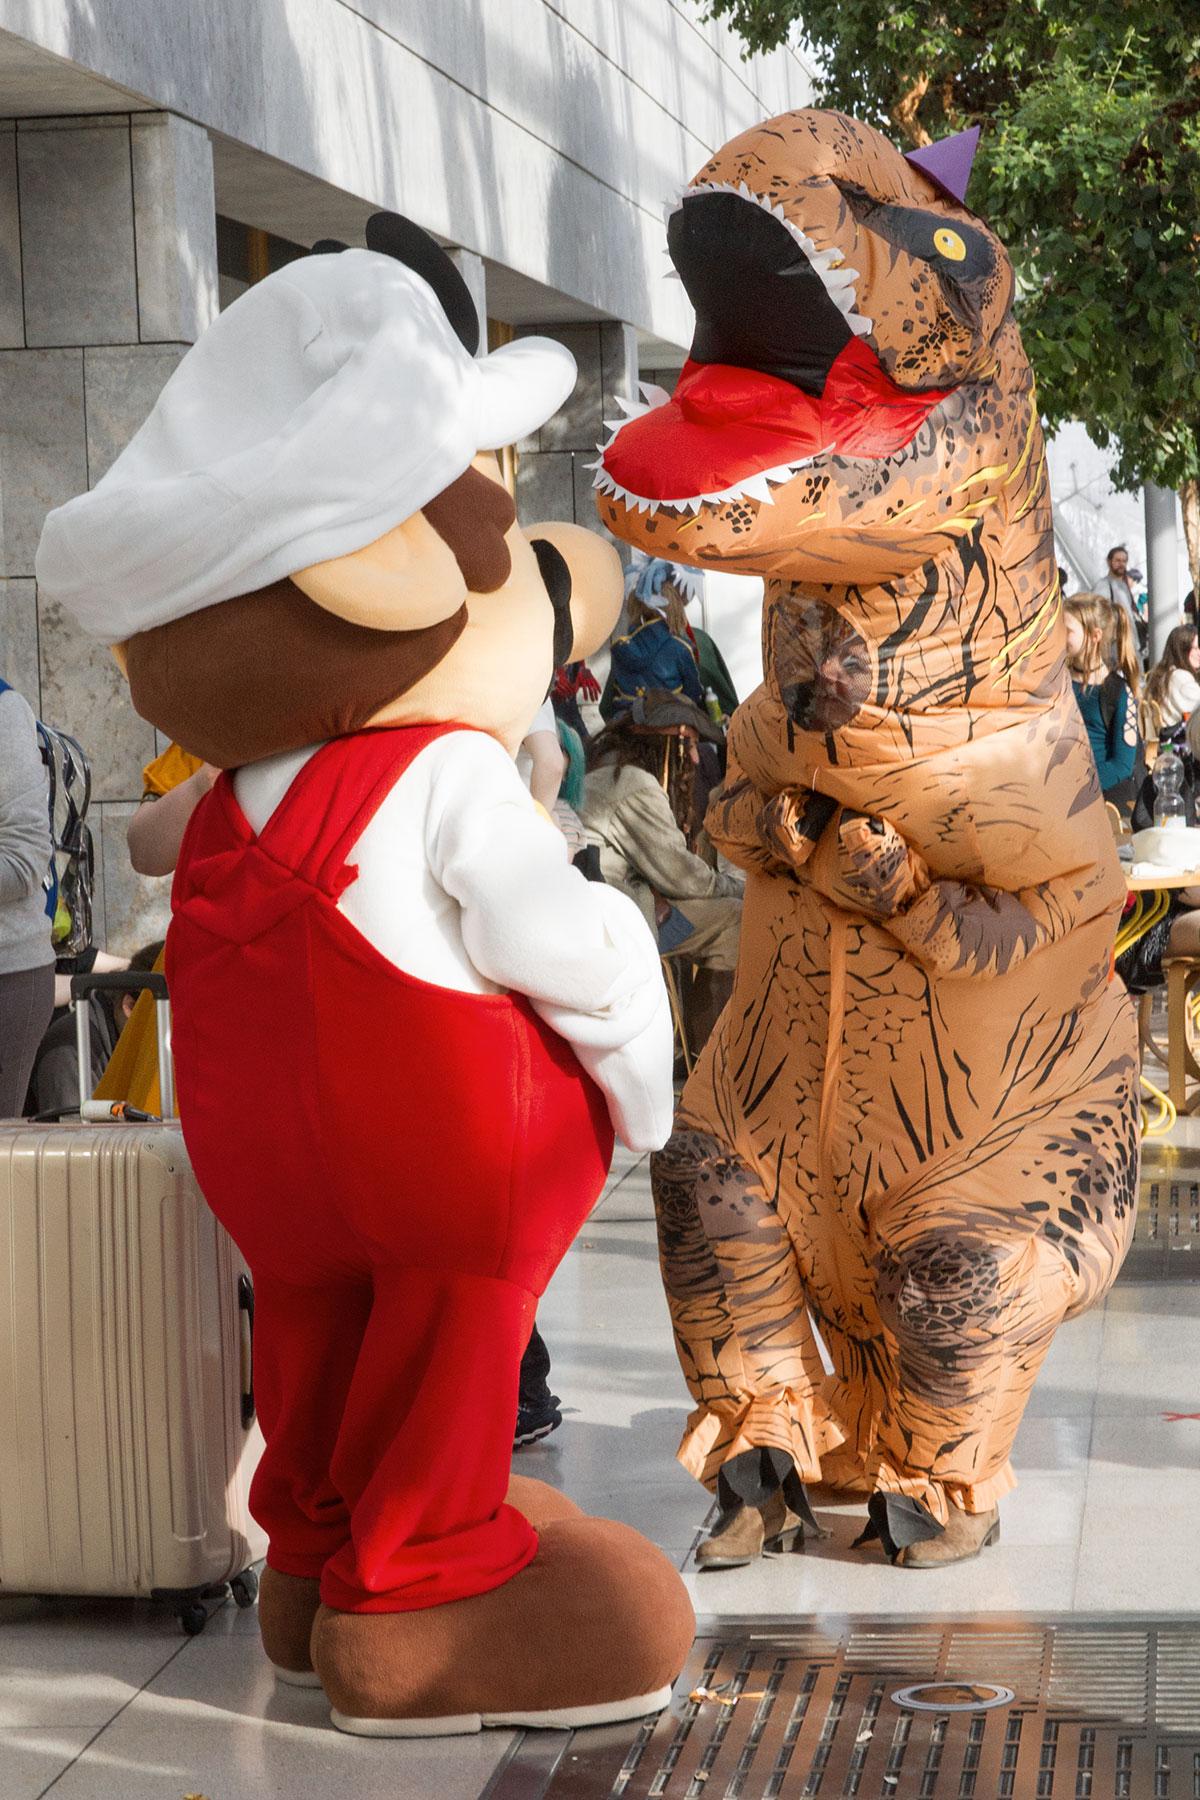 Mario versus T-Rex